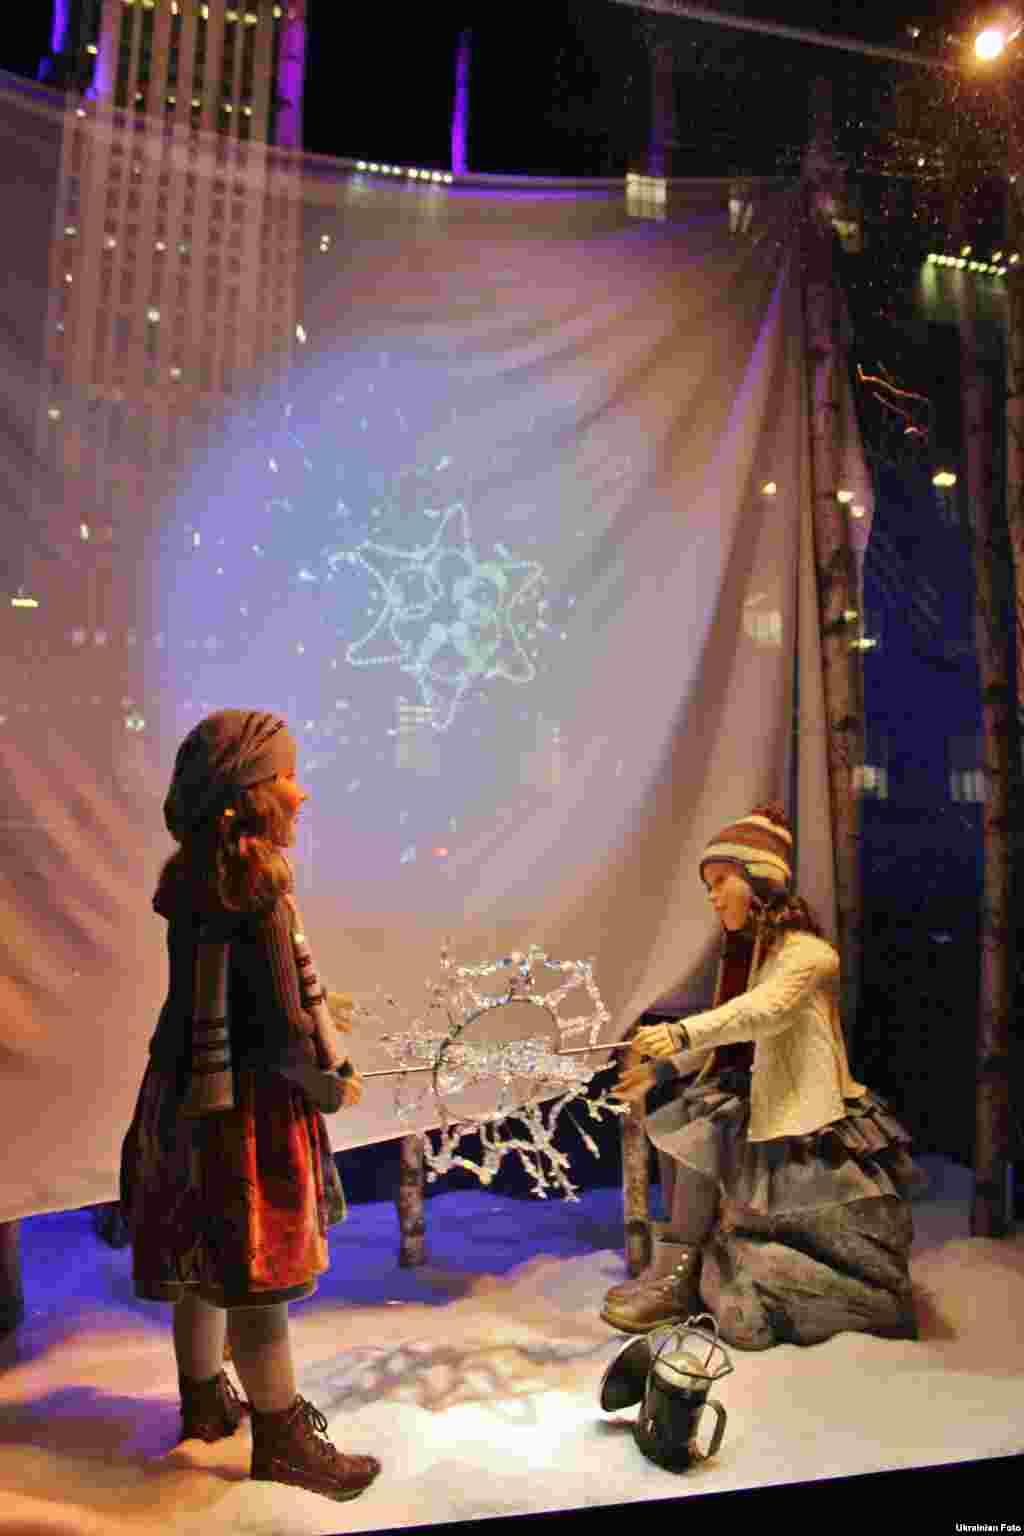 Різдвяні вітрини Нью-Йорка